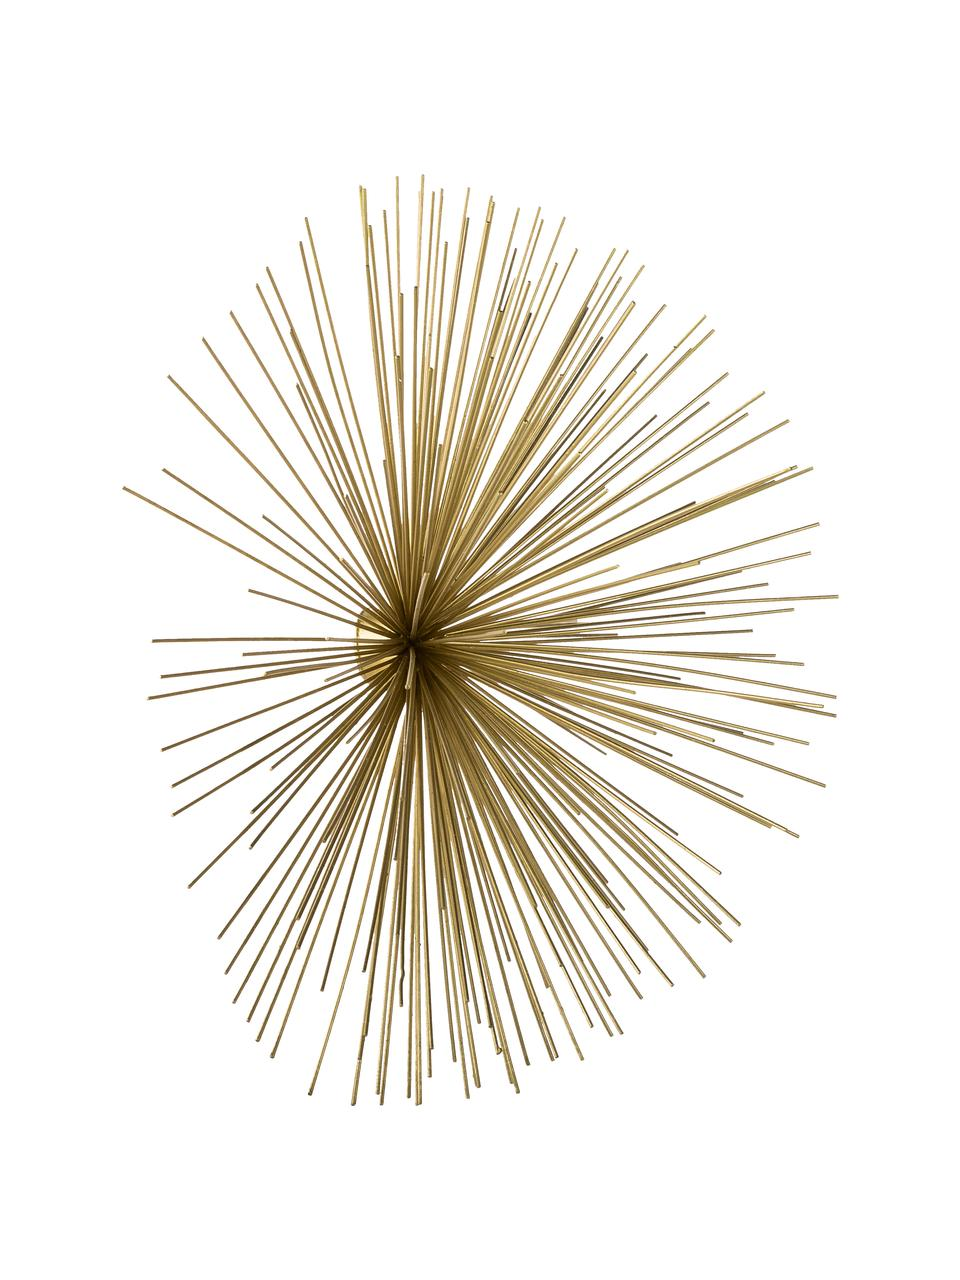 Komplet dekoracji ściennych z metalu Ray, 3 elem., Metal, Odcienie złotego, Komplet z różnymi rozmiarami